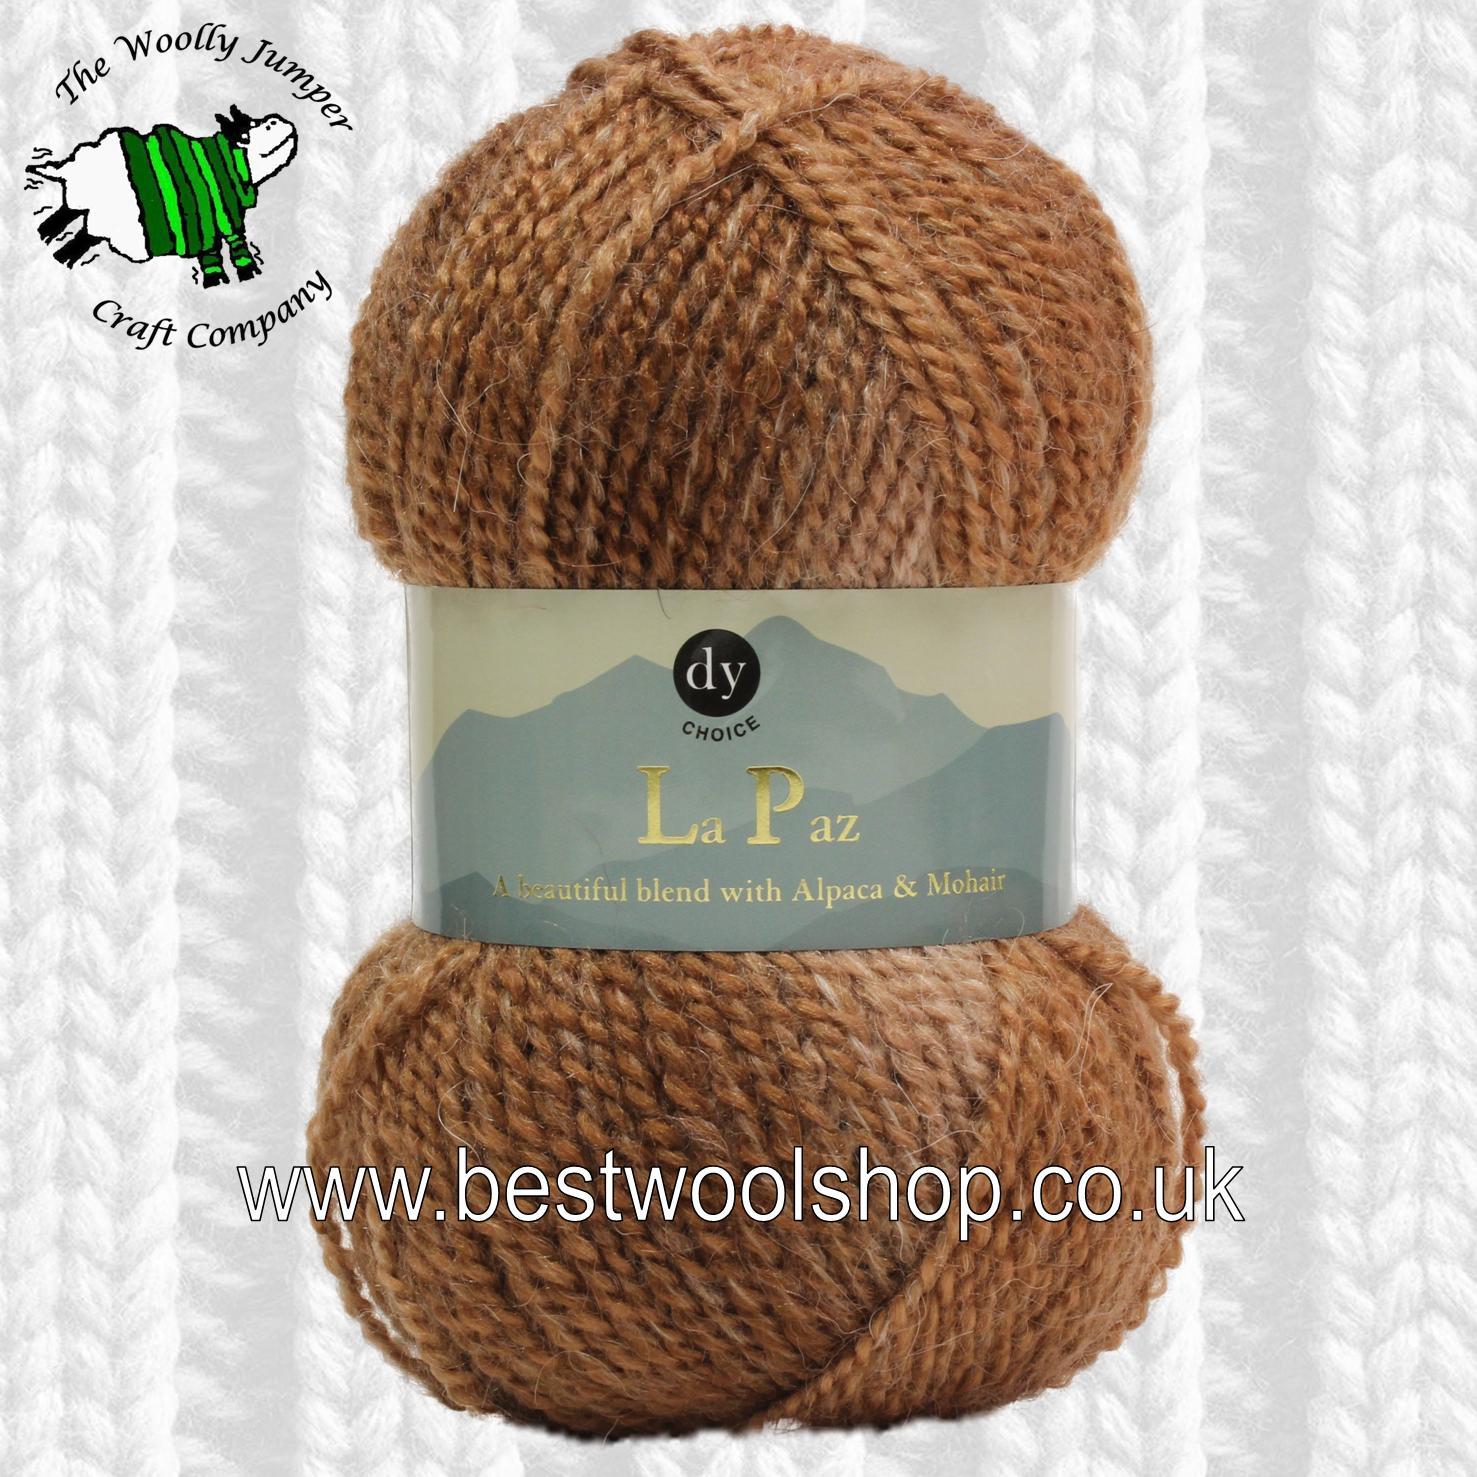 Alpaca Aran Knitting Pattern : 3 - COCOA - DY CHOICE LA PAZ ARAN SELF PATTERNING KNITTING ...